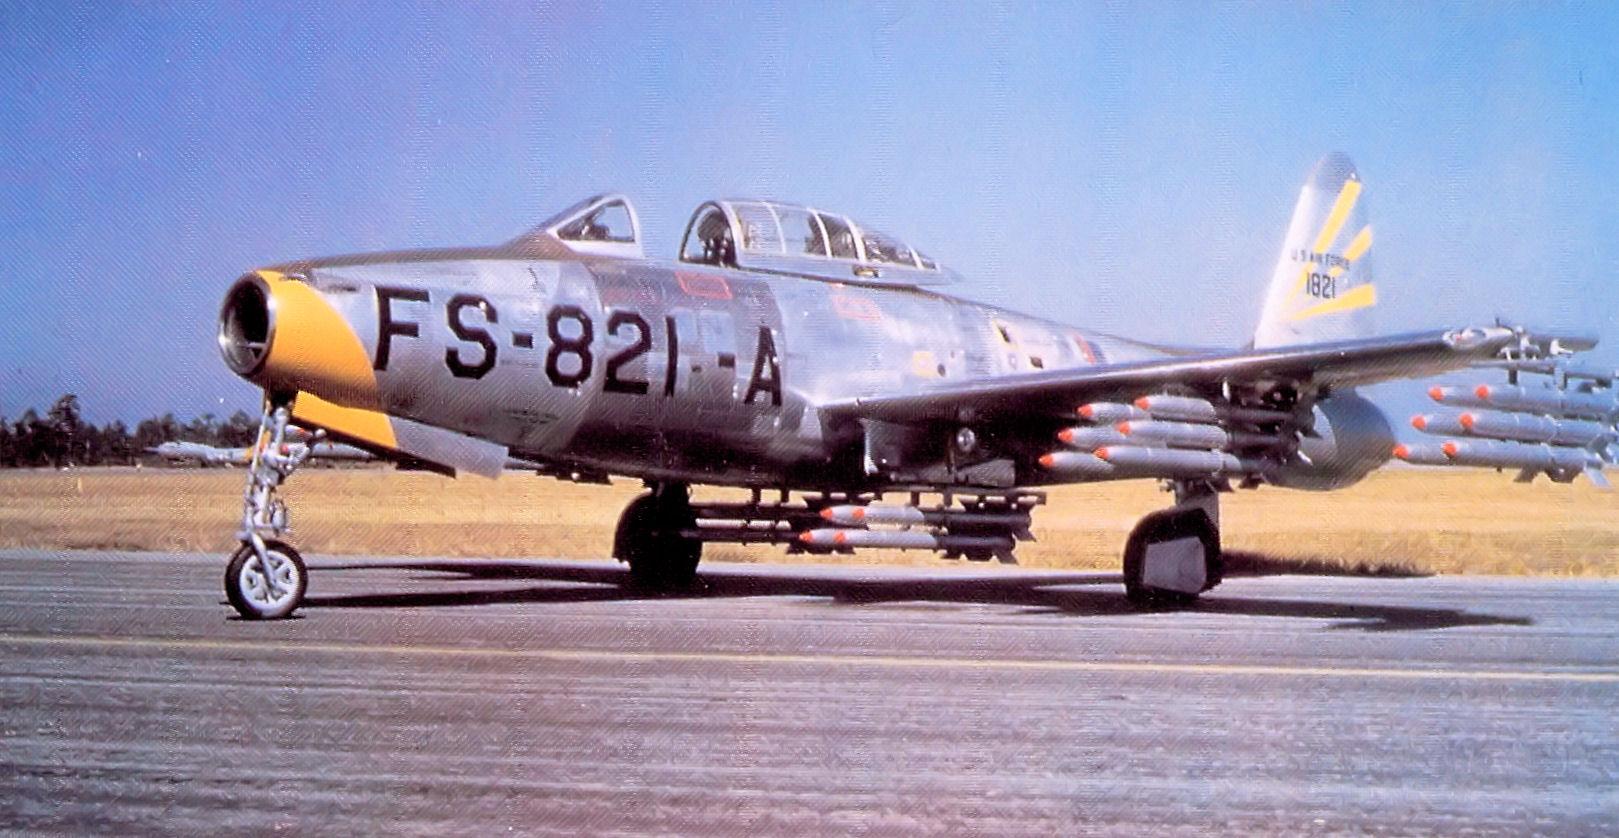 31st_FEW_Republic_F-84G-1-RE_Thunderjet_